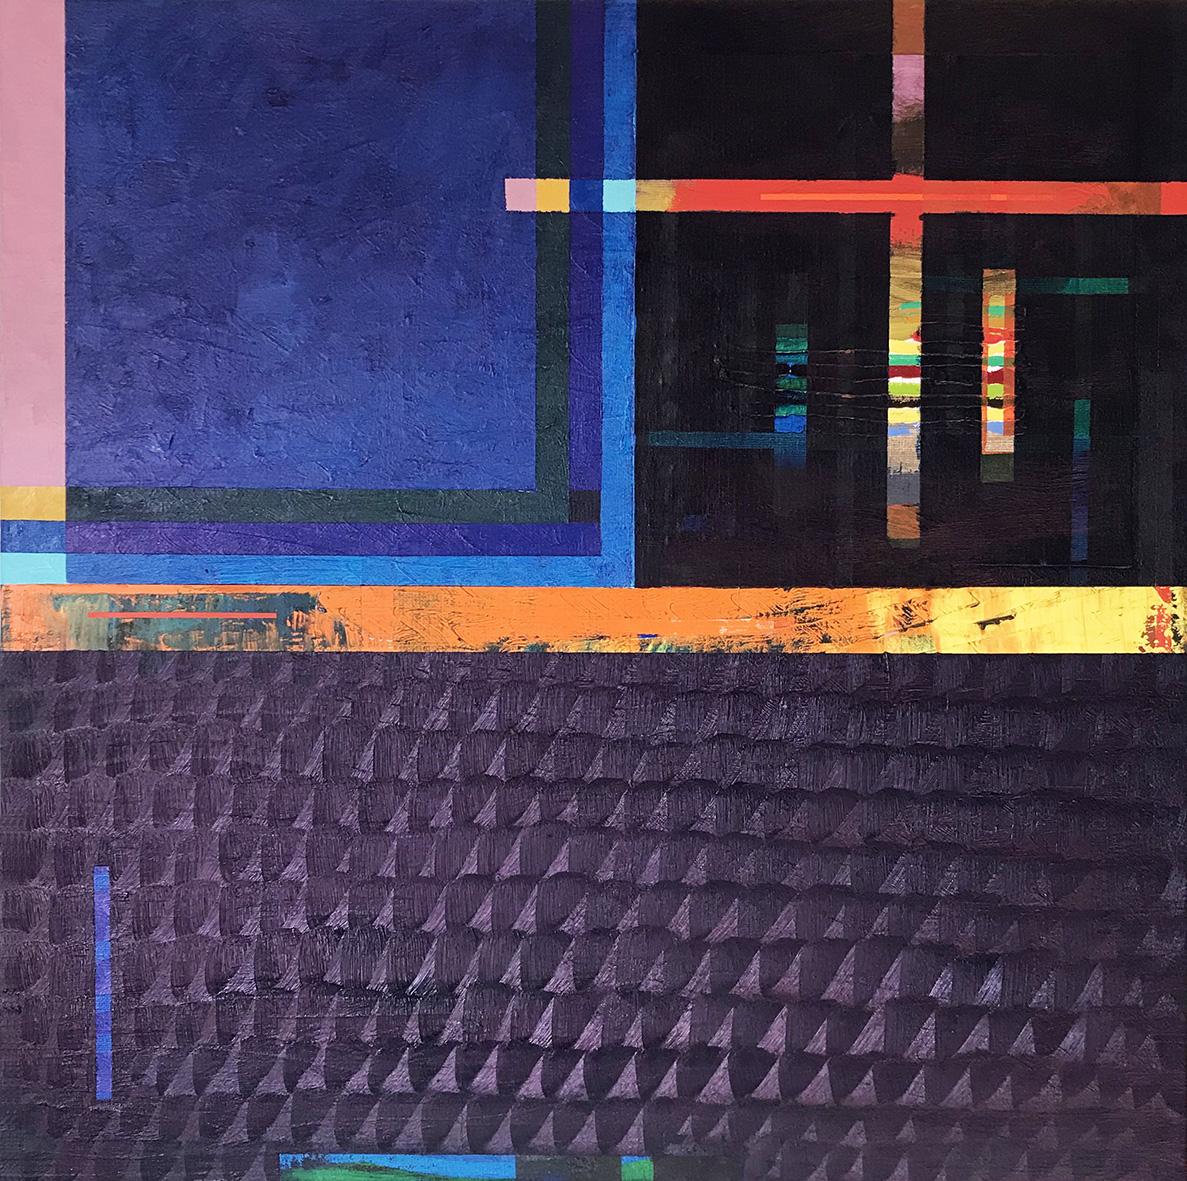 Redline horizon (v 1.0) (65x65cm) 2019